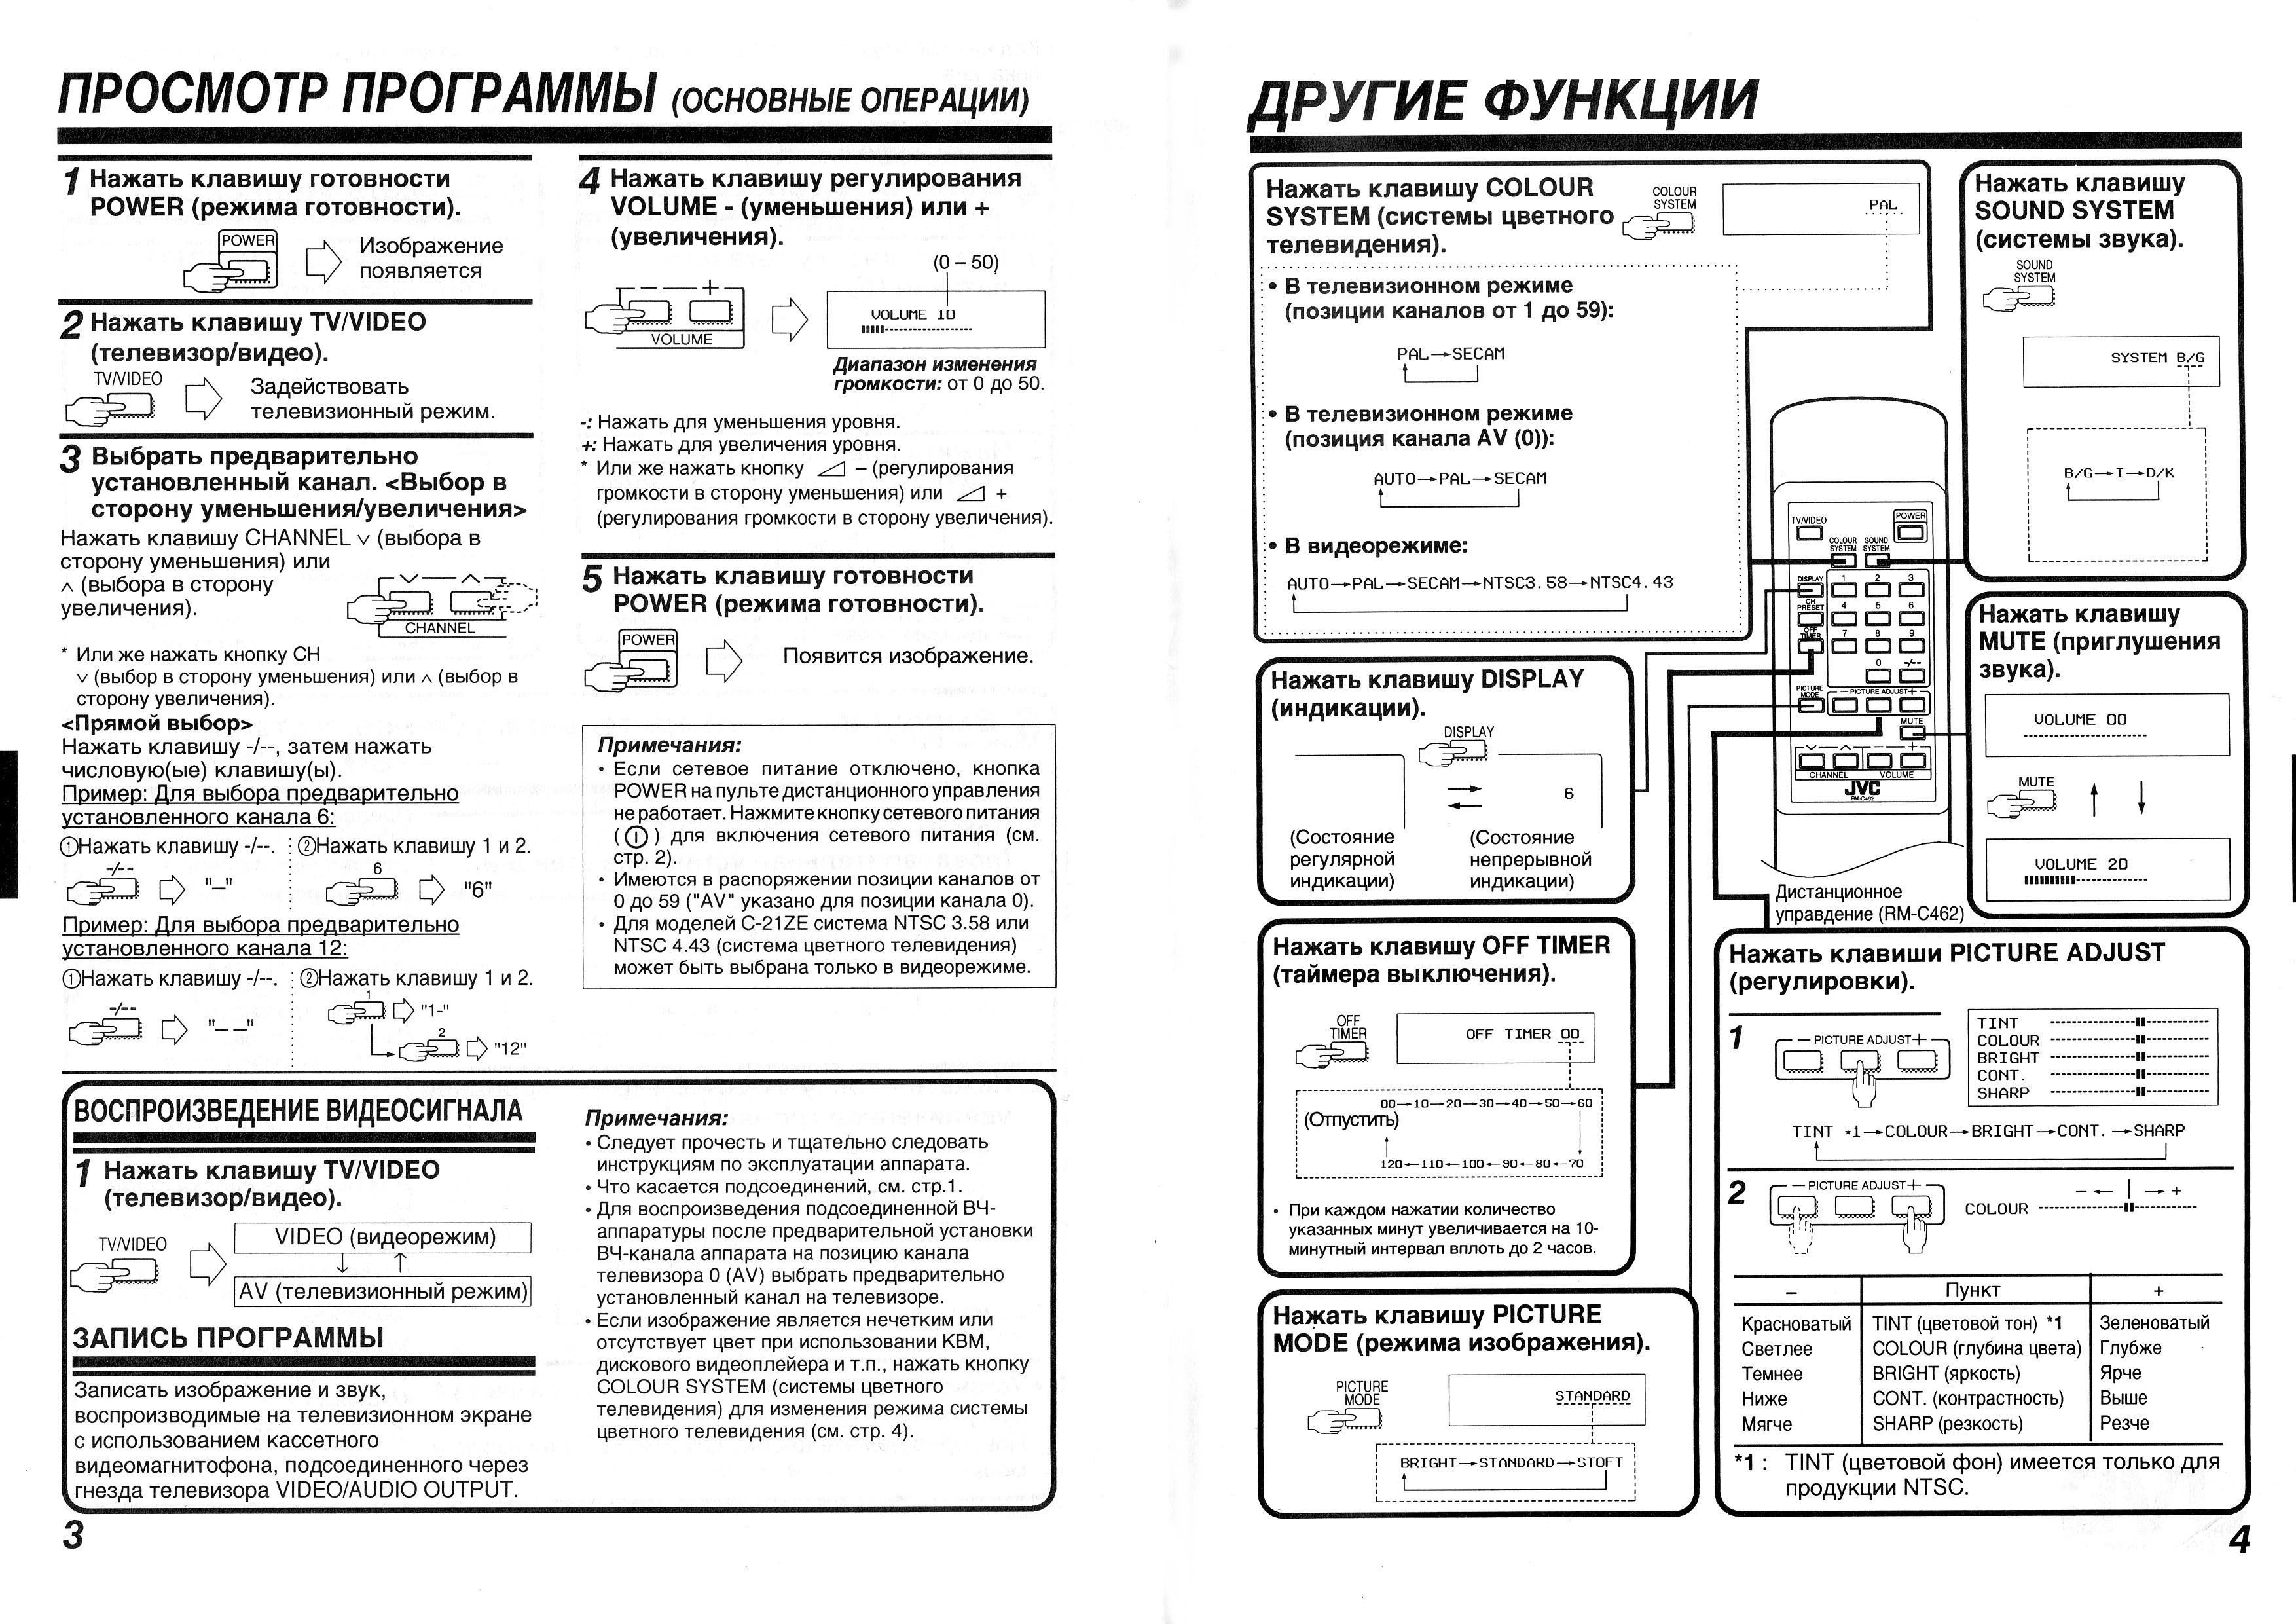 Схема телевизора jvc c-21ze.